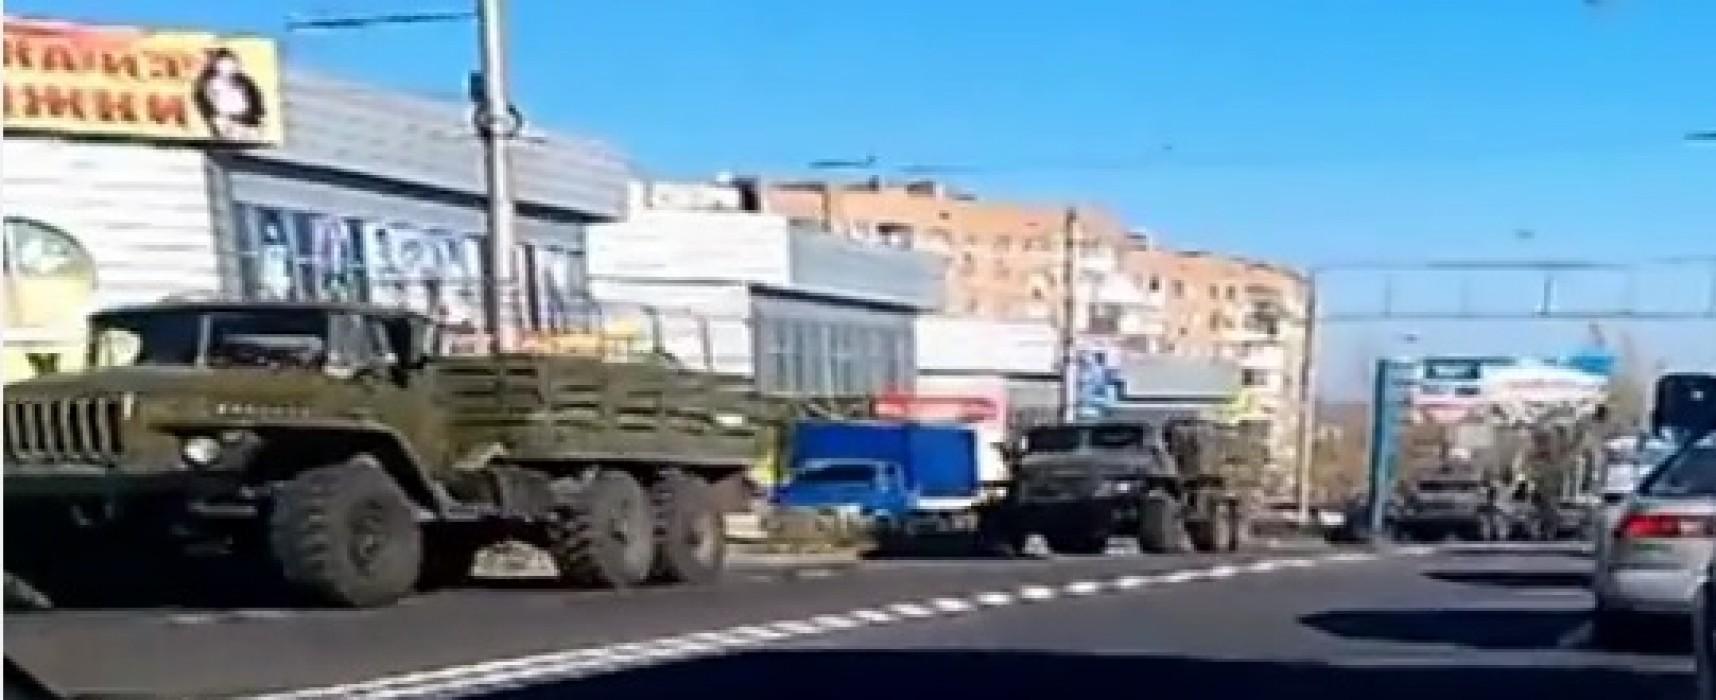 Видеофейк: Колонна «Град» украинской армии прибыла в Донецкую область